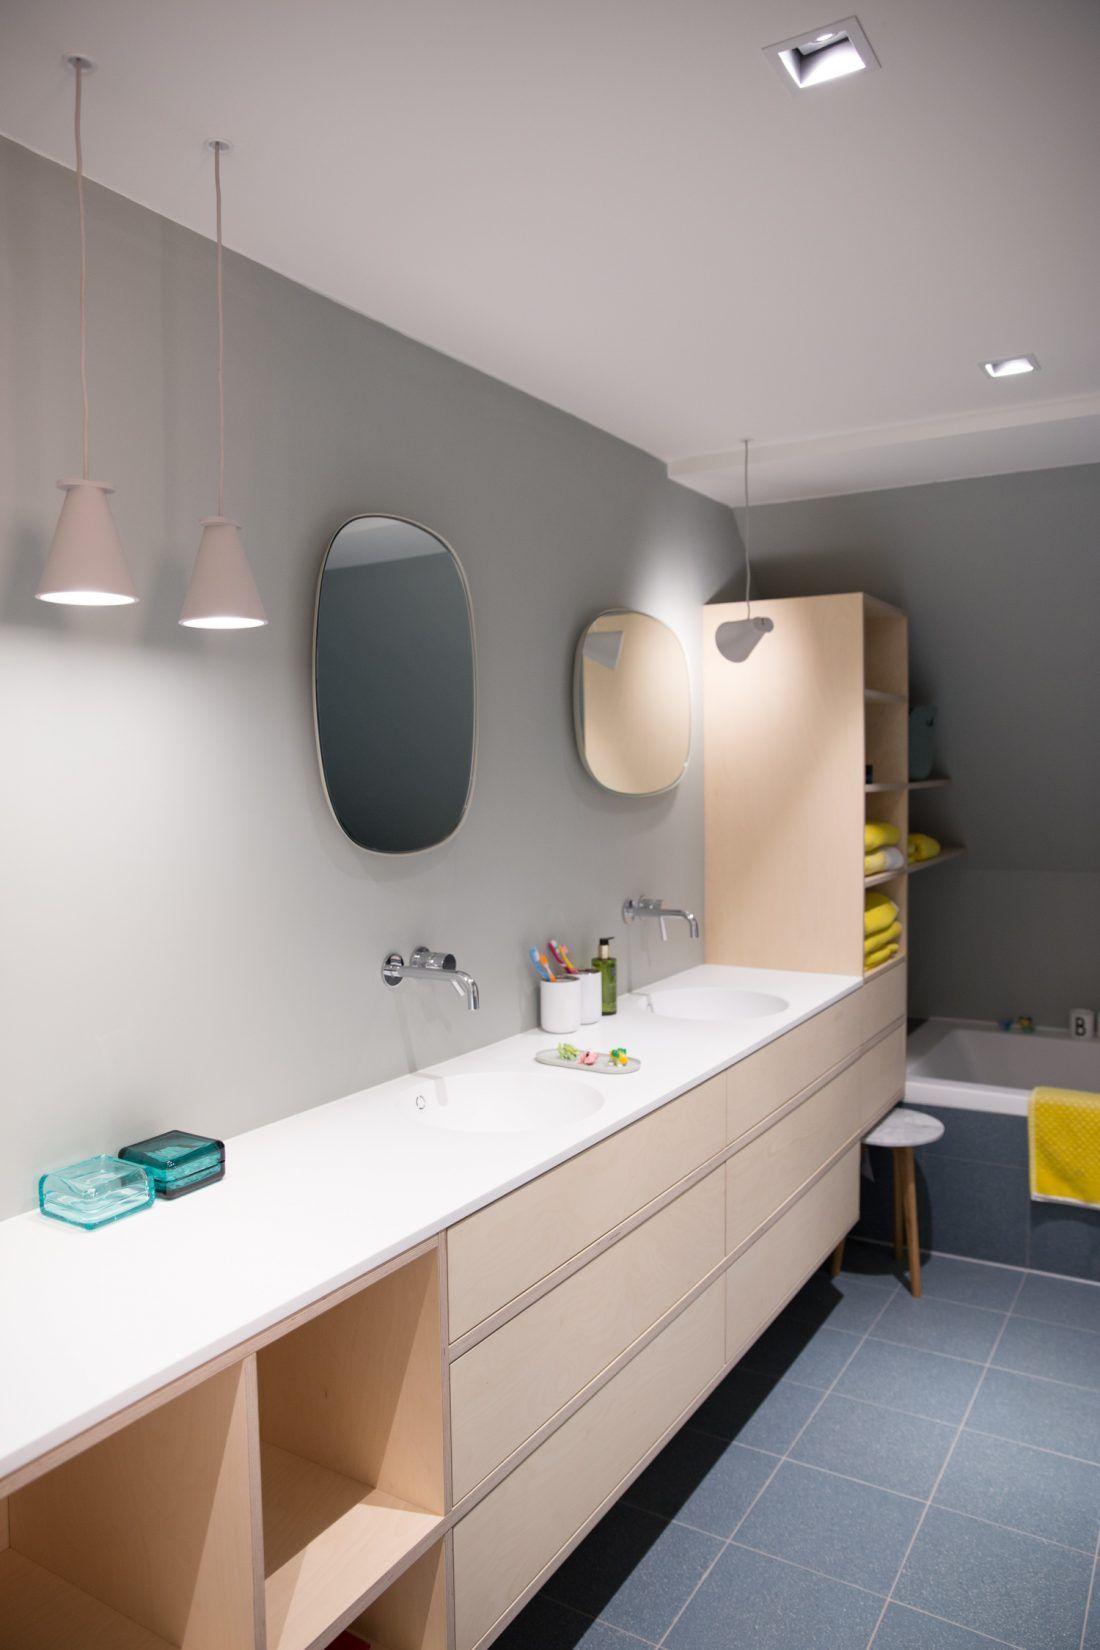 Femkeido Interieur Project - Heerhugowaard | Bathrooms | Pinterest ...